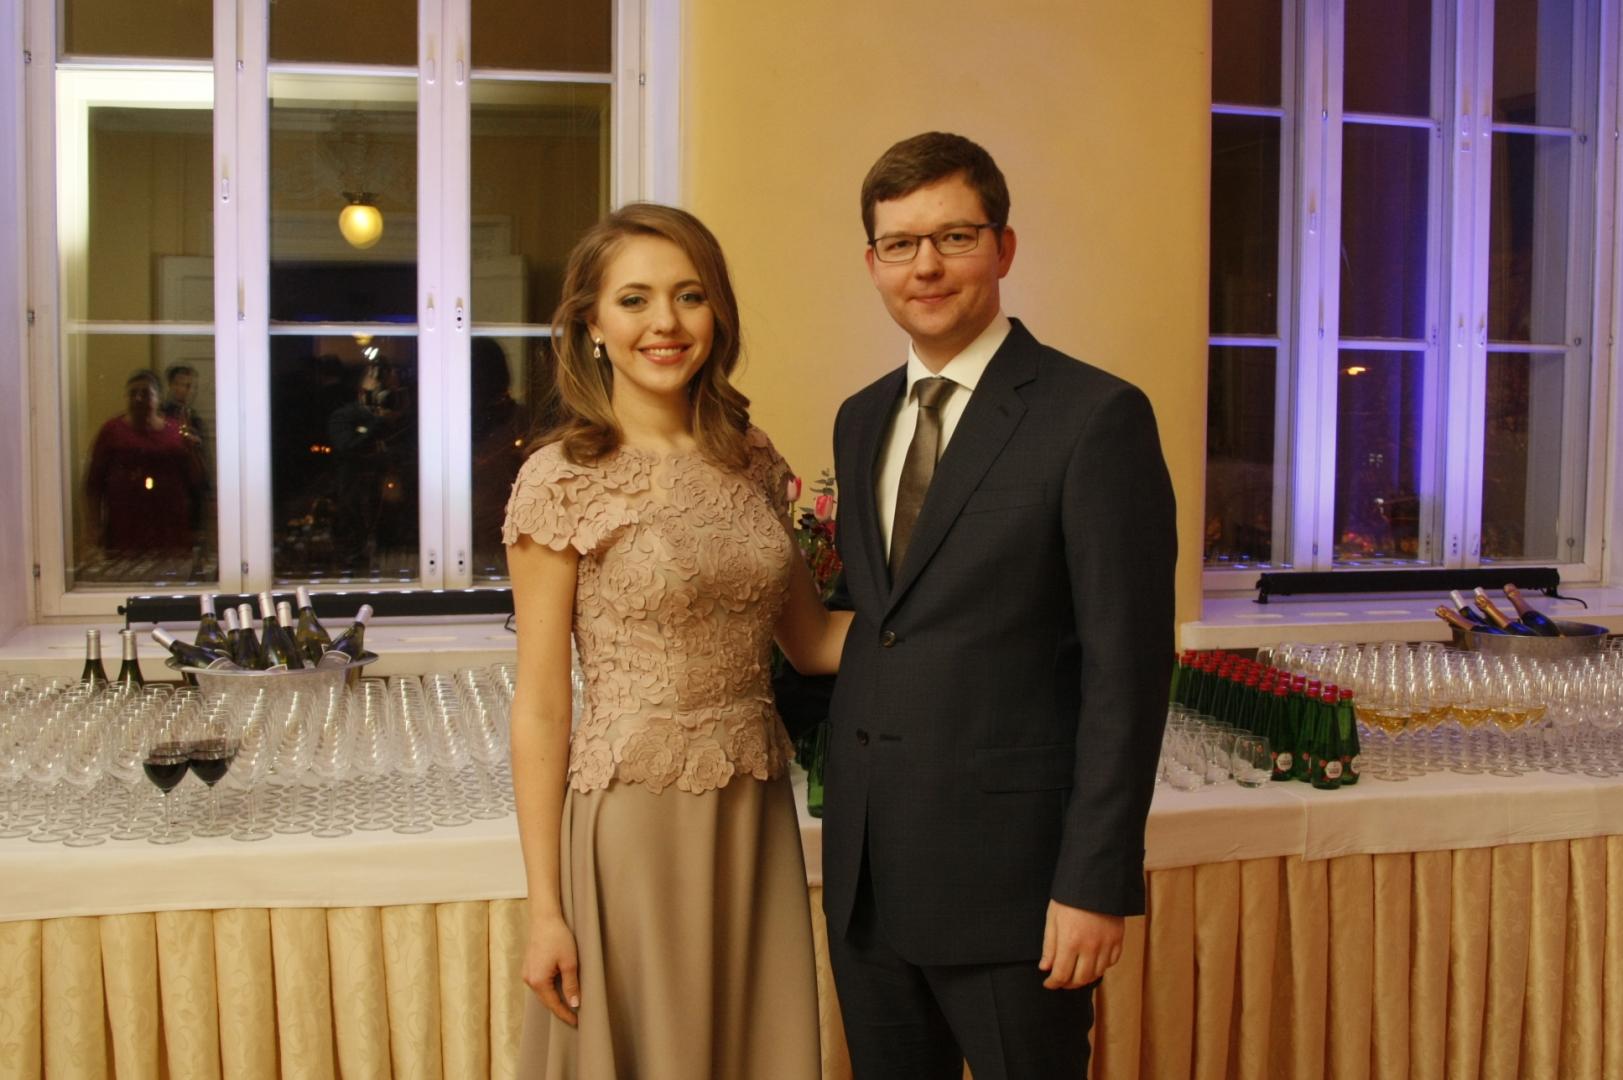 7ad546f318e FOTOD! Pidulik presidendi vastuvõtt Estonia kontserdisaalis - Kõik